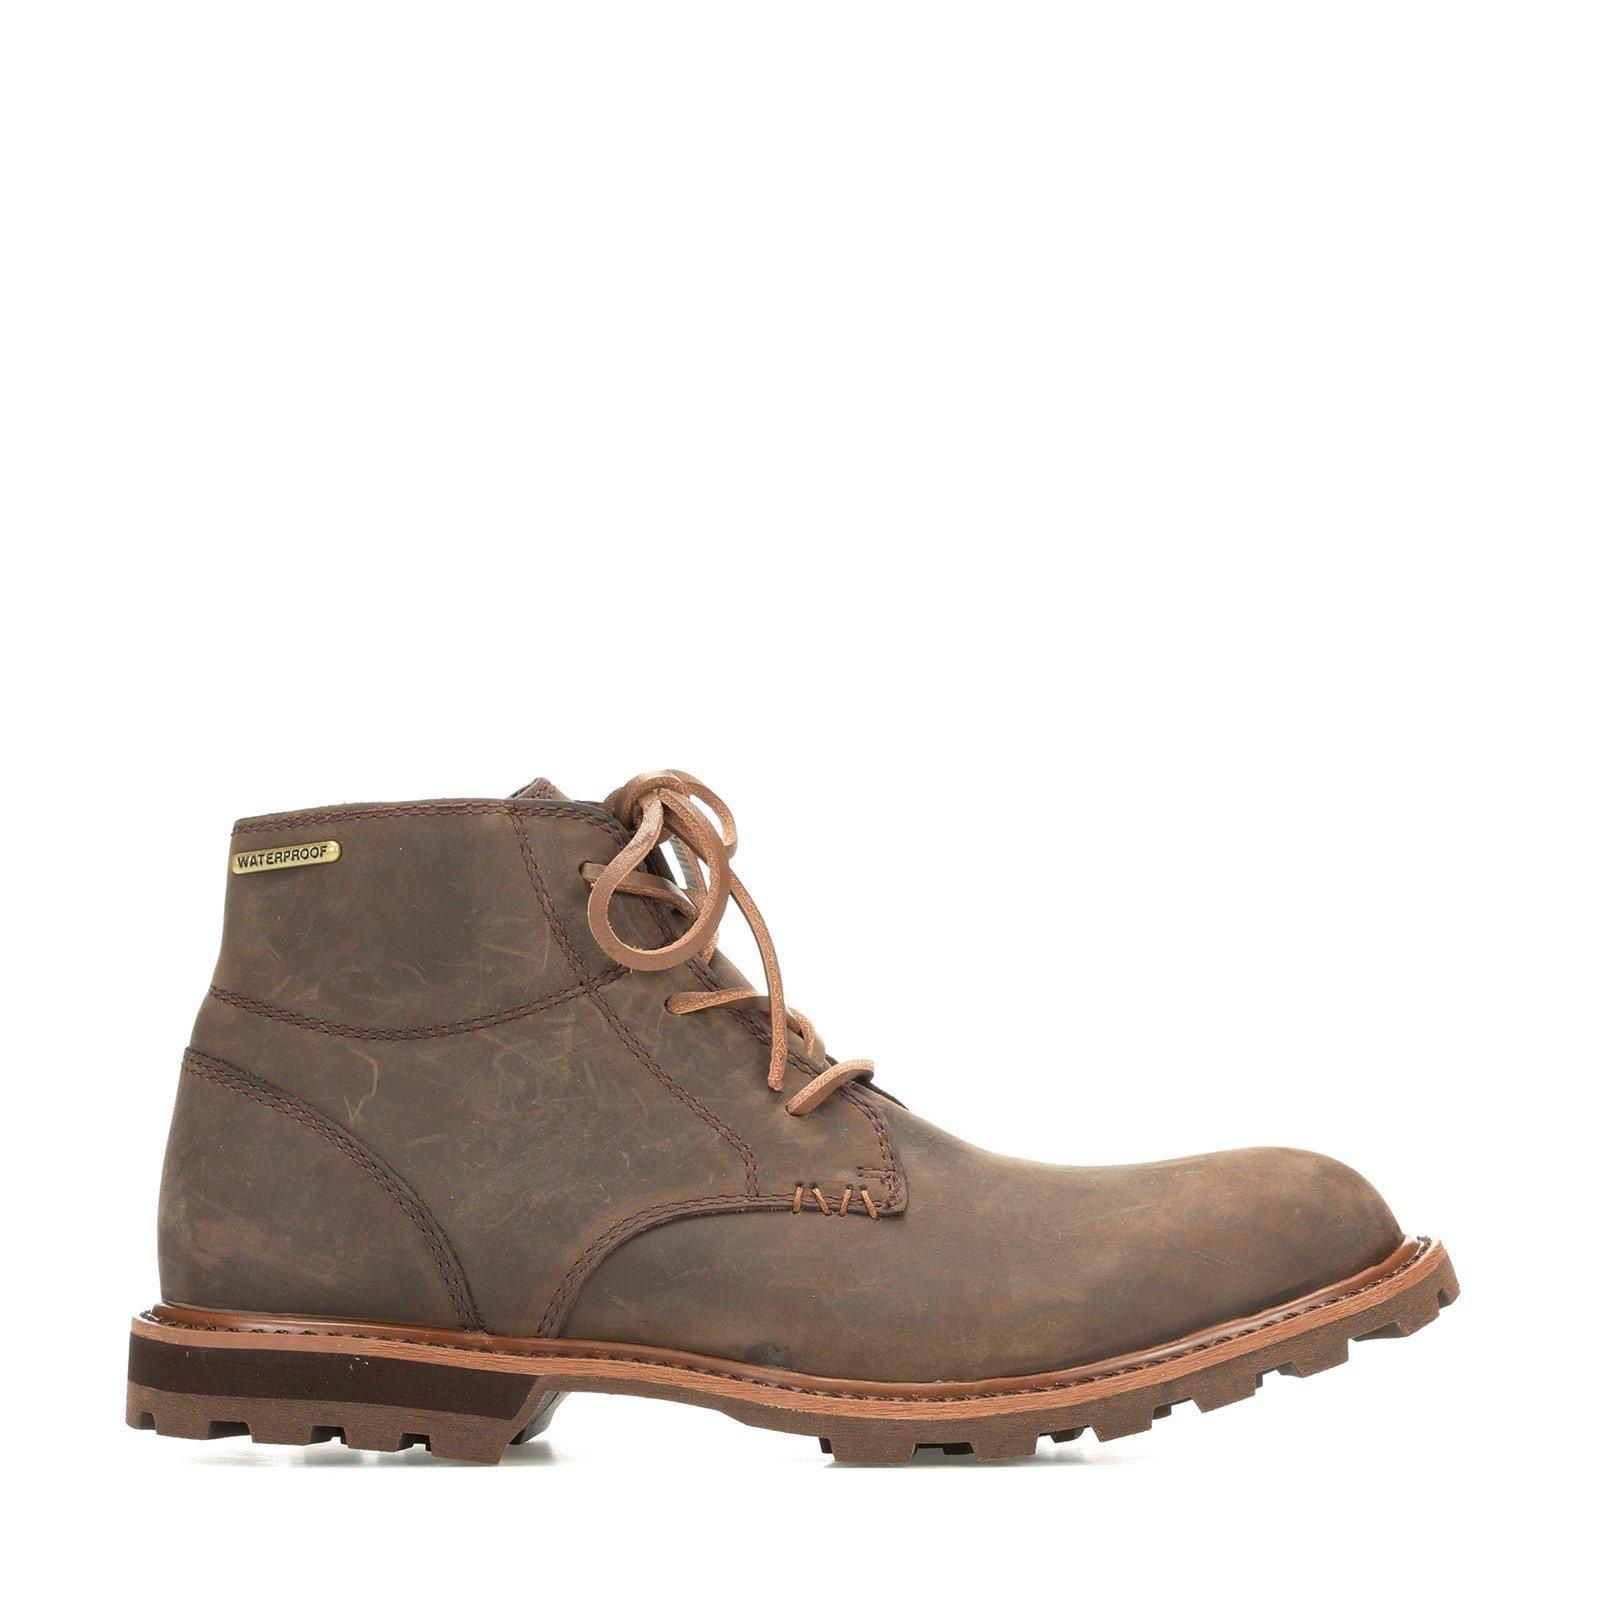 Muck Boots Men's Freeman Boot 31761 - Brown 12